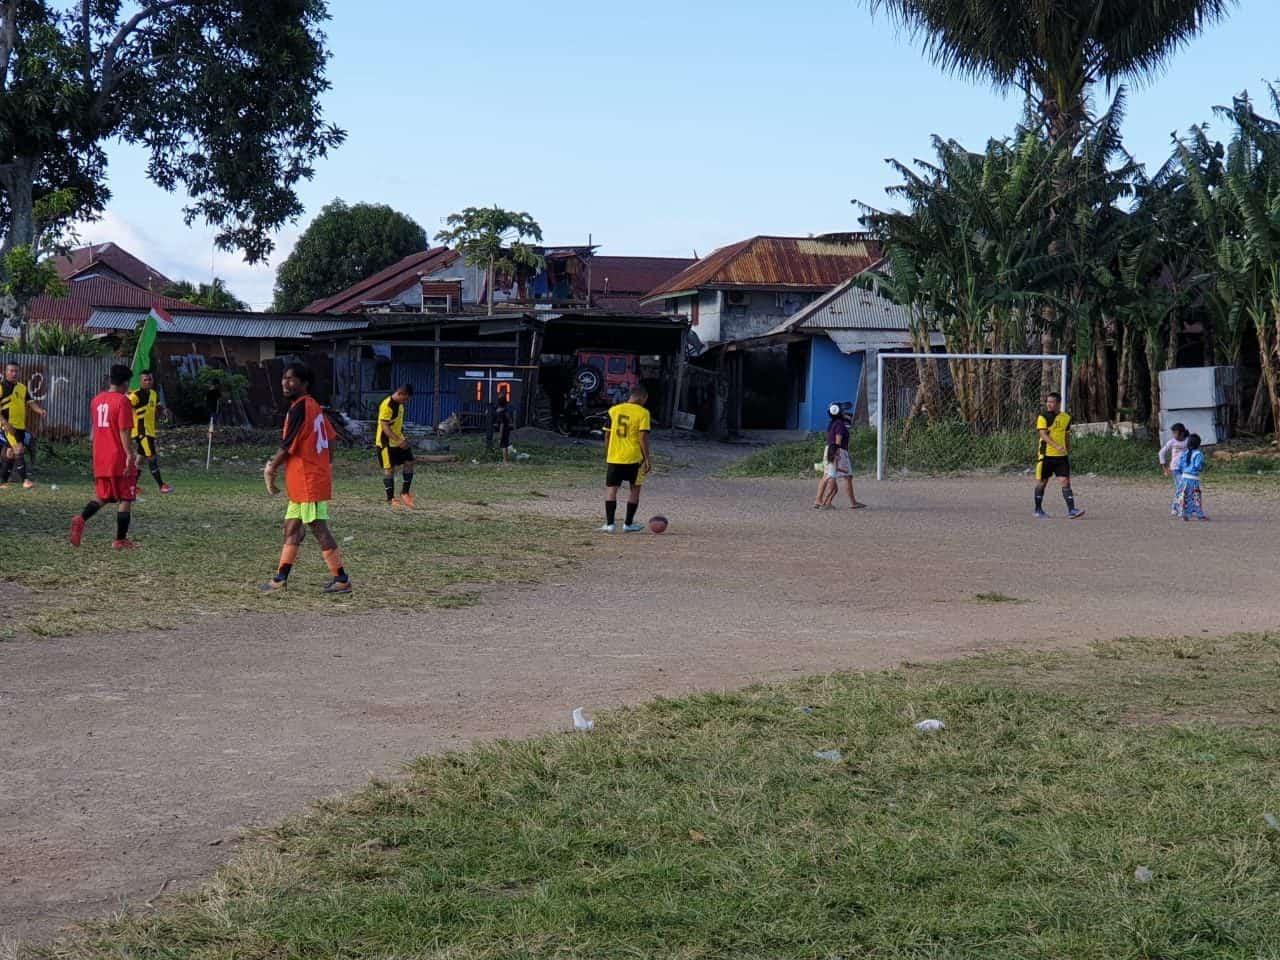 Bangun Kebersamaan dan Soliditas, Satgas Yonif 734 Gelar Pertandingan Sepak Bola di Toboko